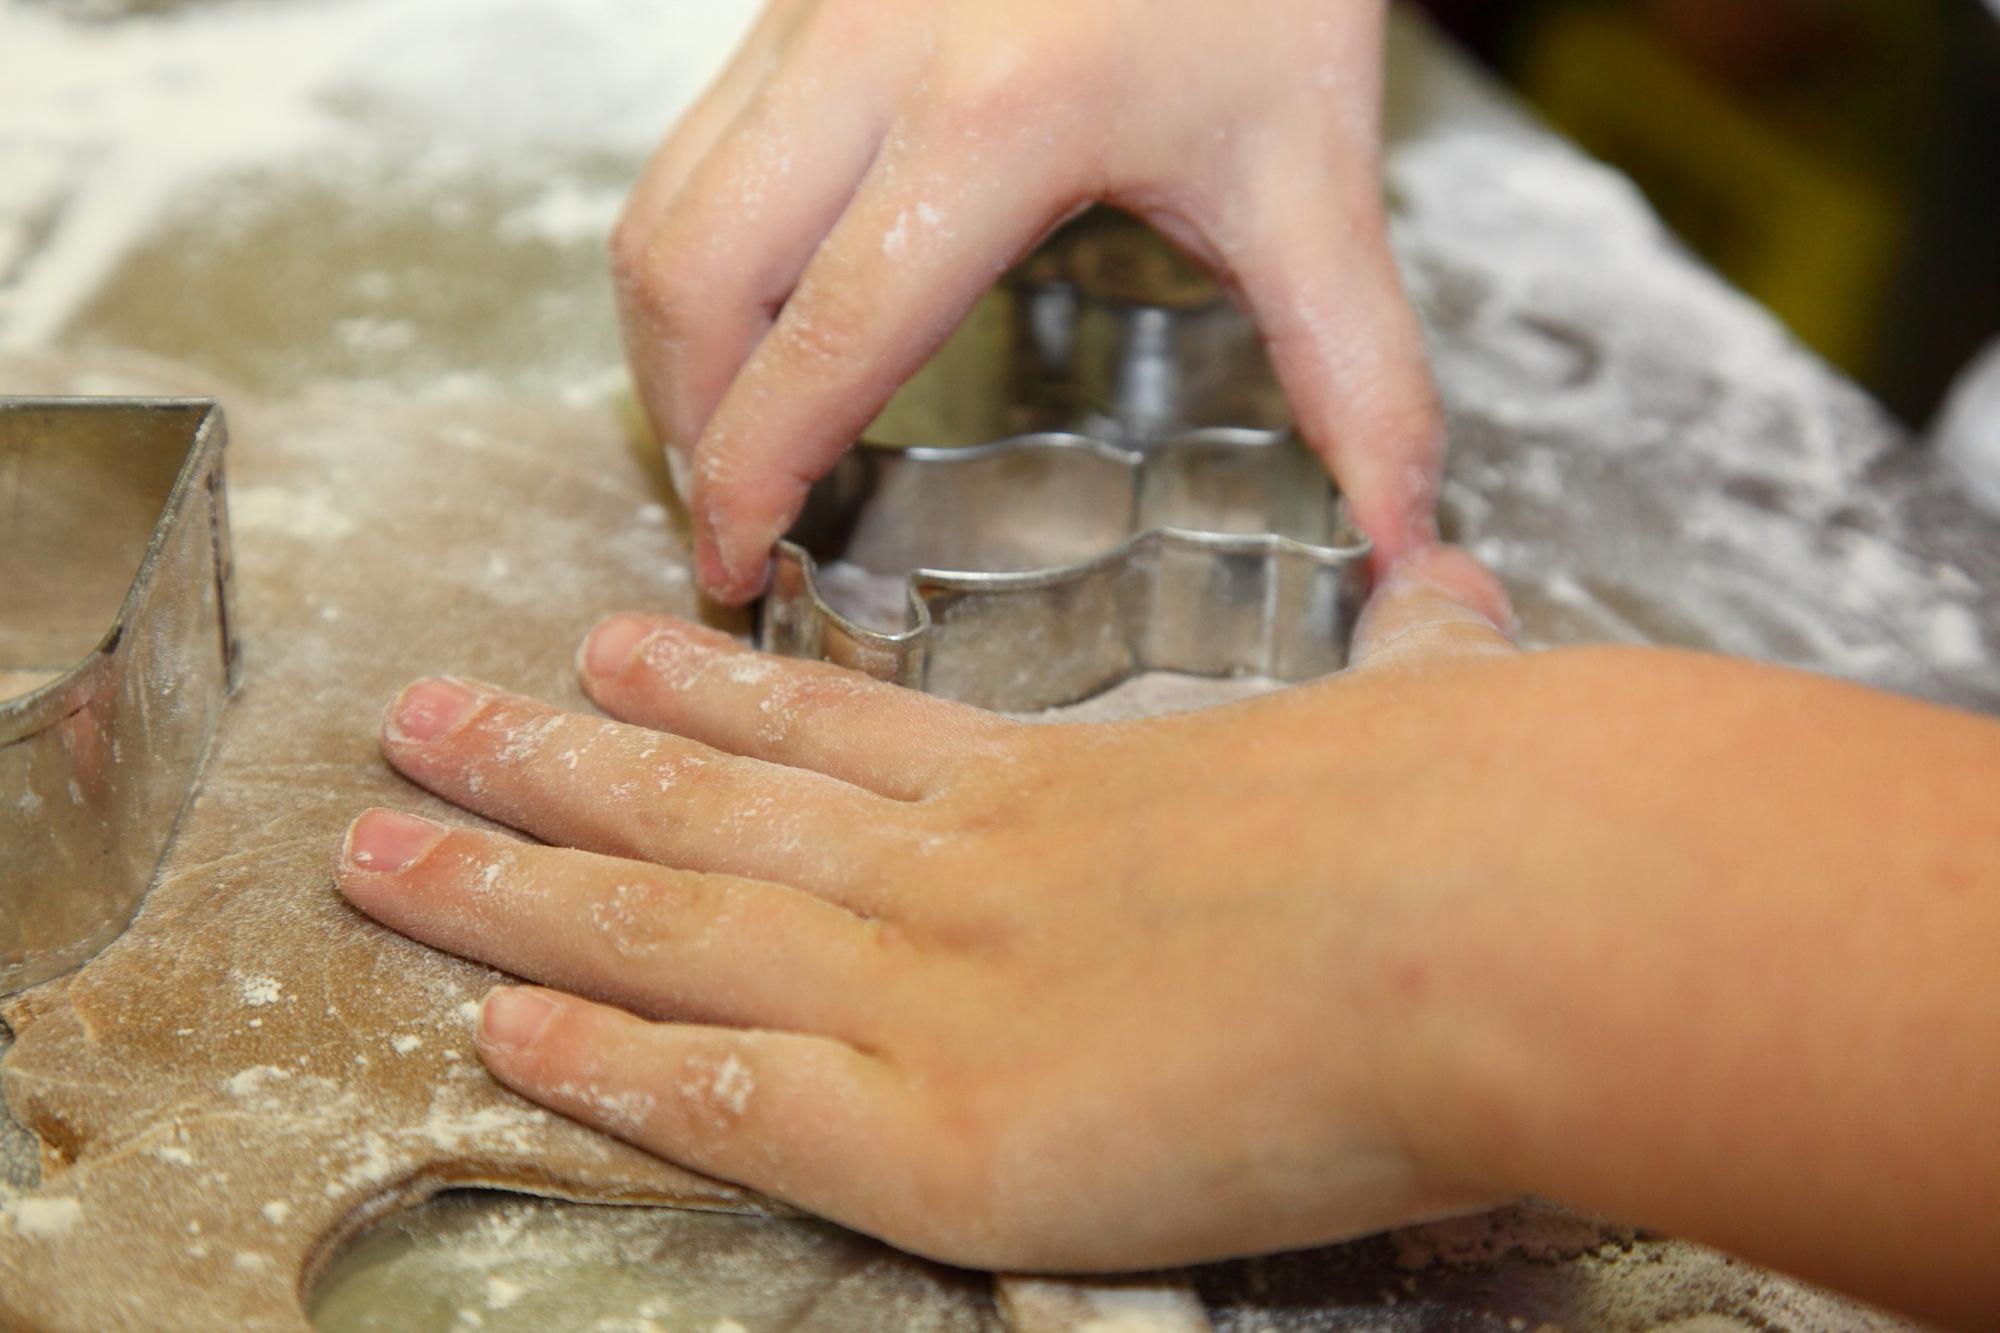 Kinder-Keksbackstube in Großarl